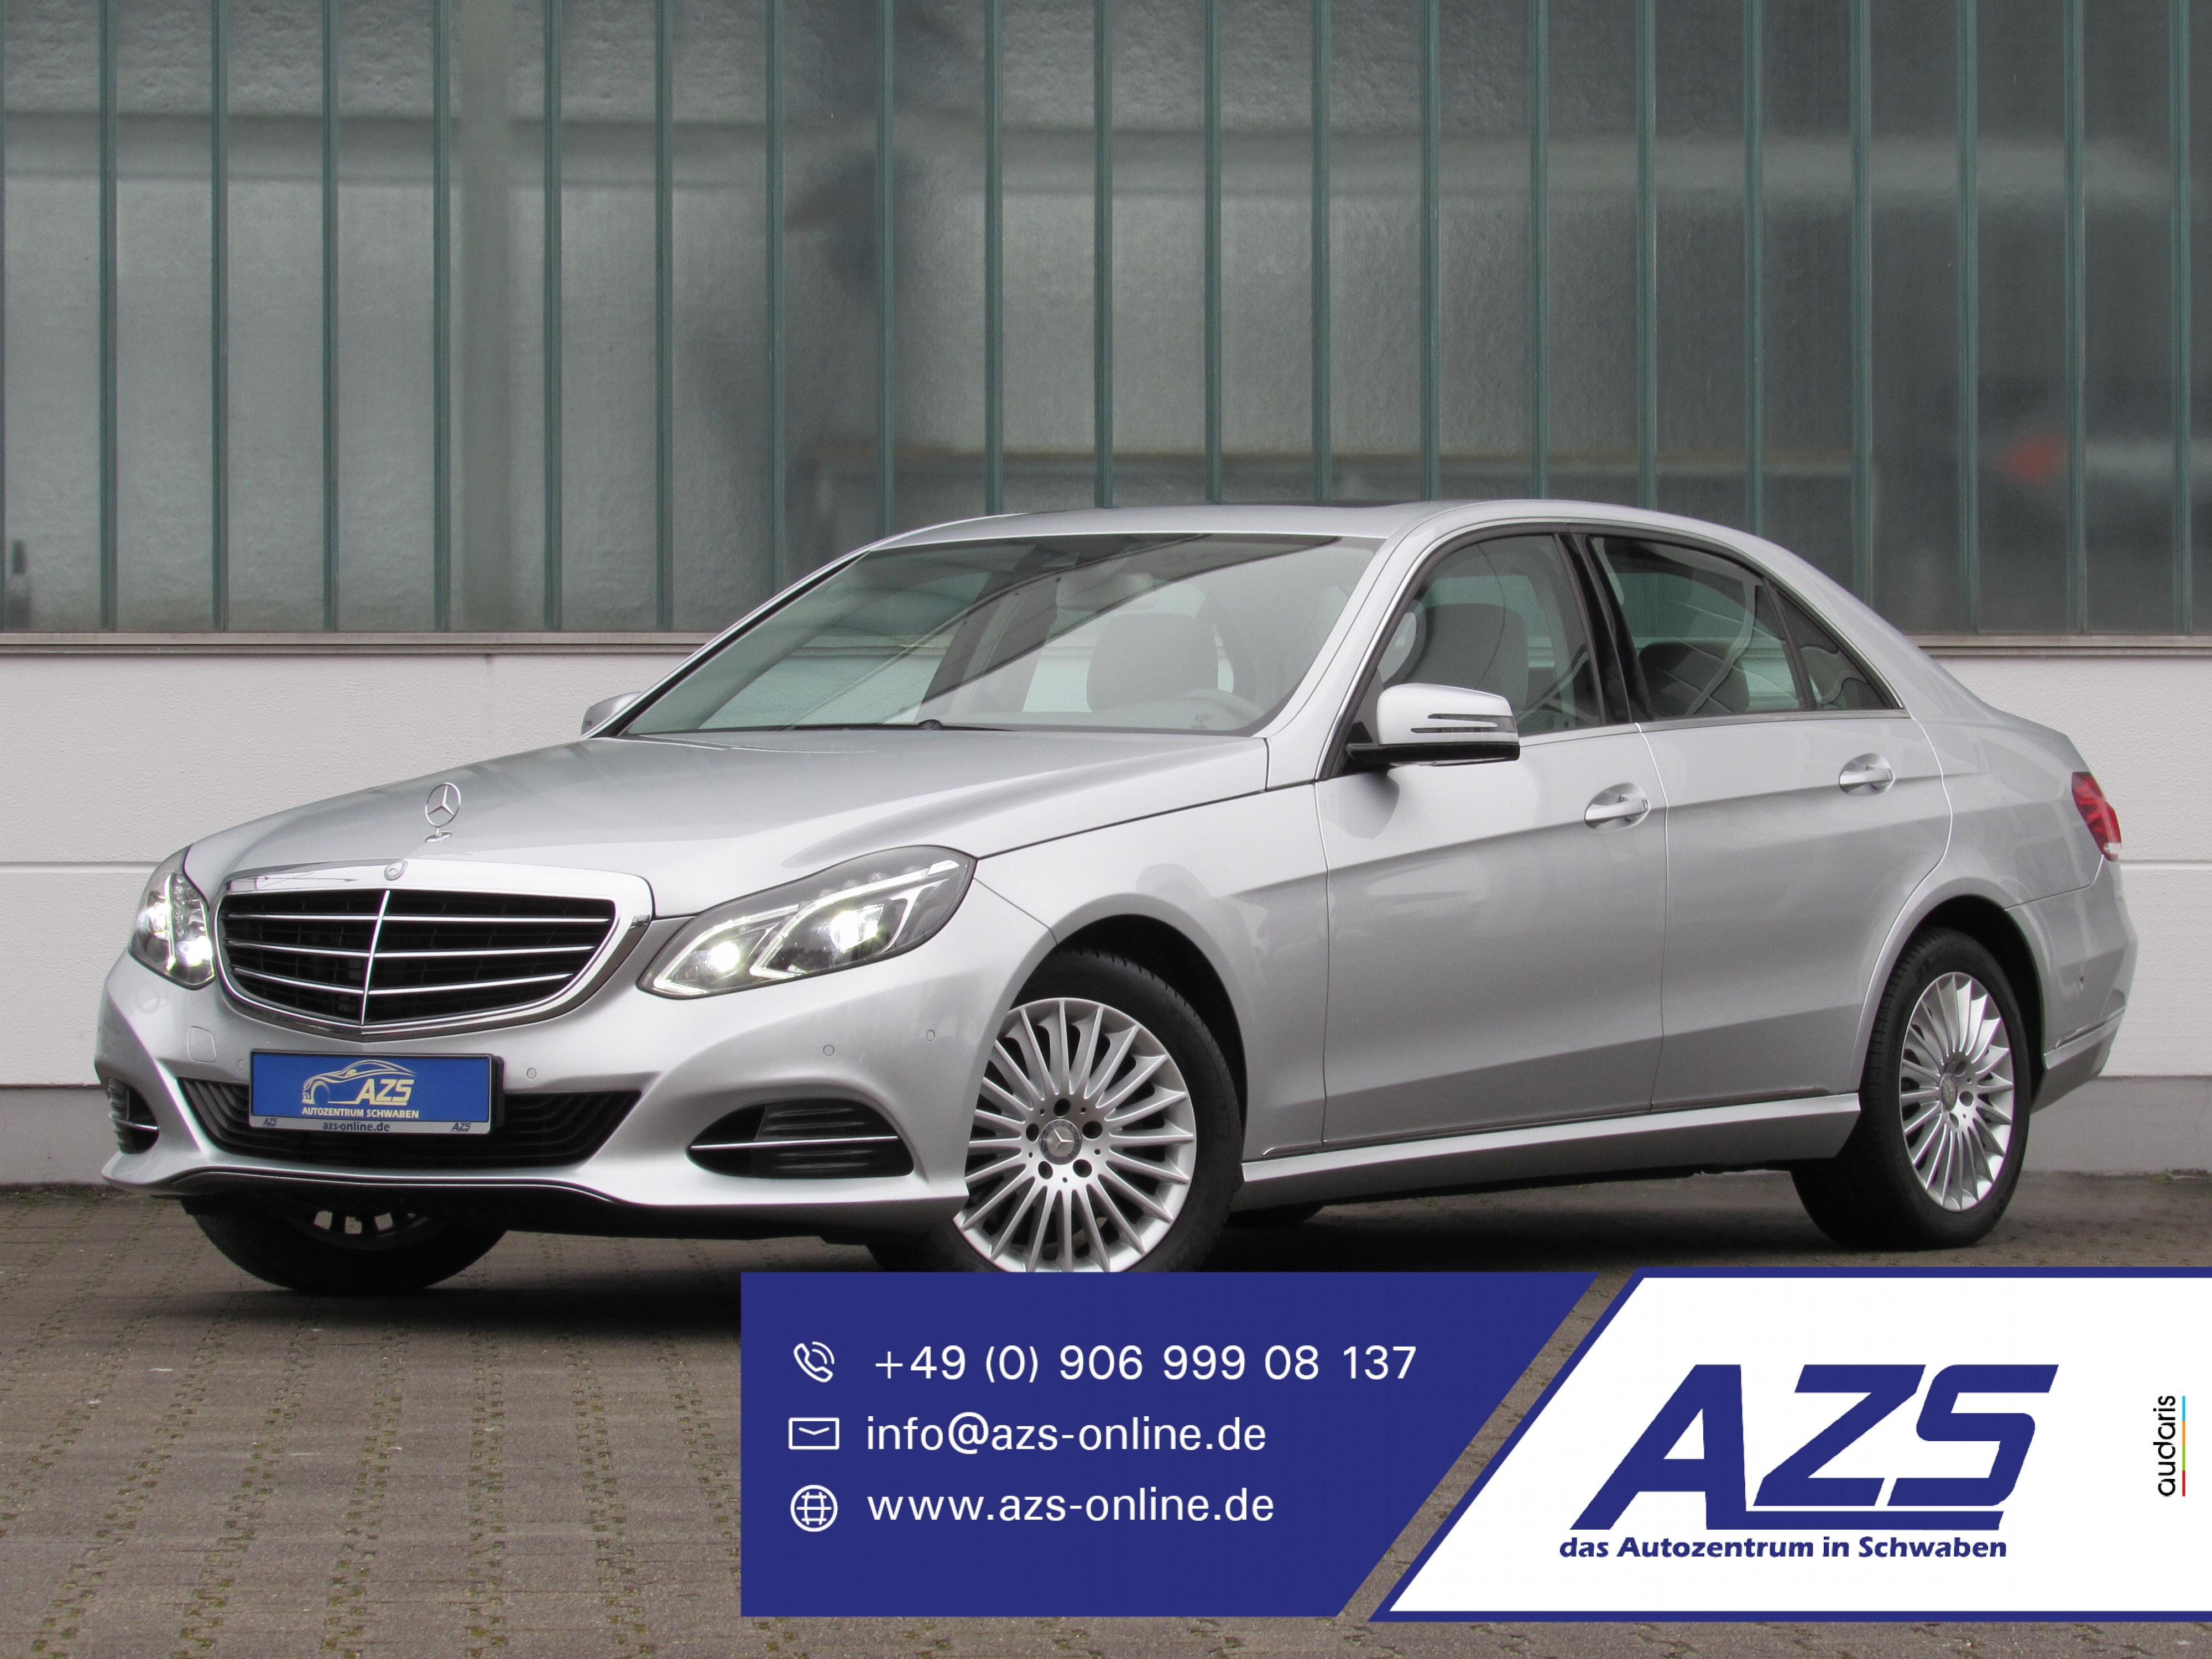 Mercedes-Benz E 300 CDI | LED | AZS-SICHERER-ONLINE-KAUF, Jahr 2013, Diesel